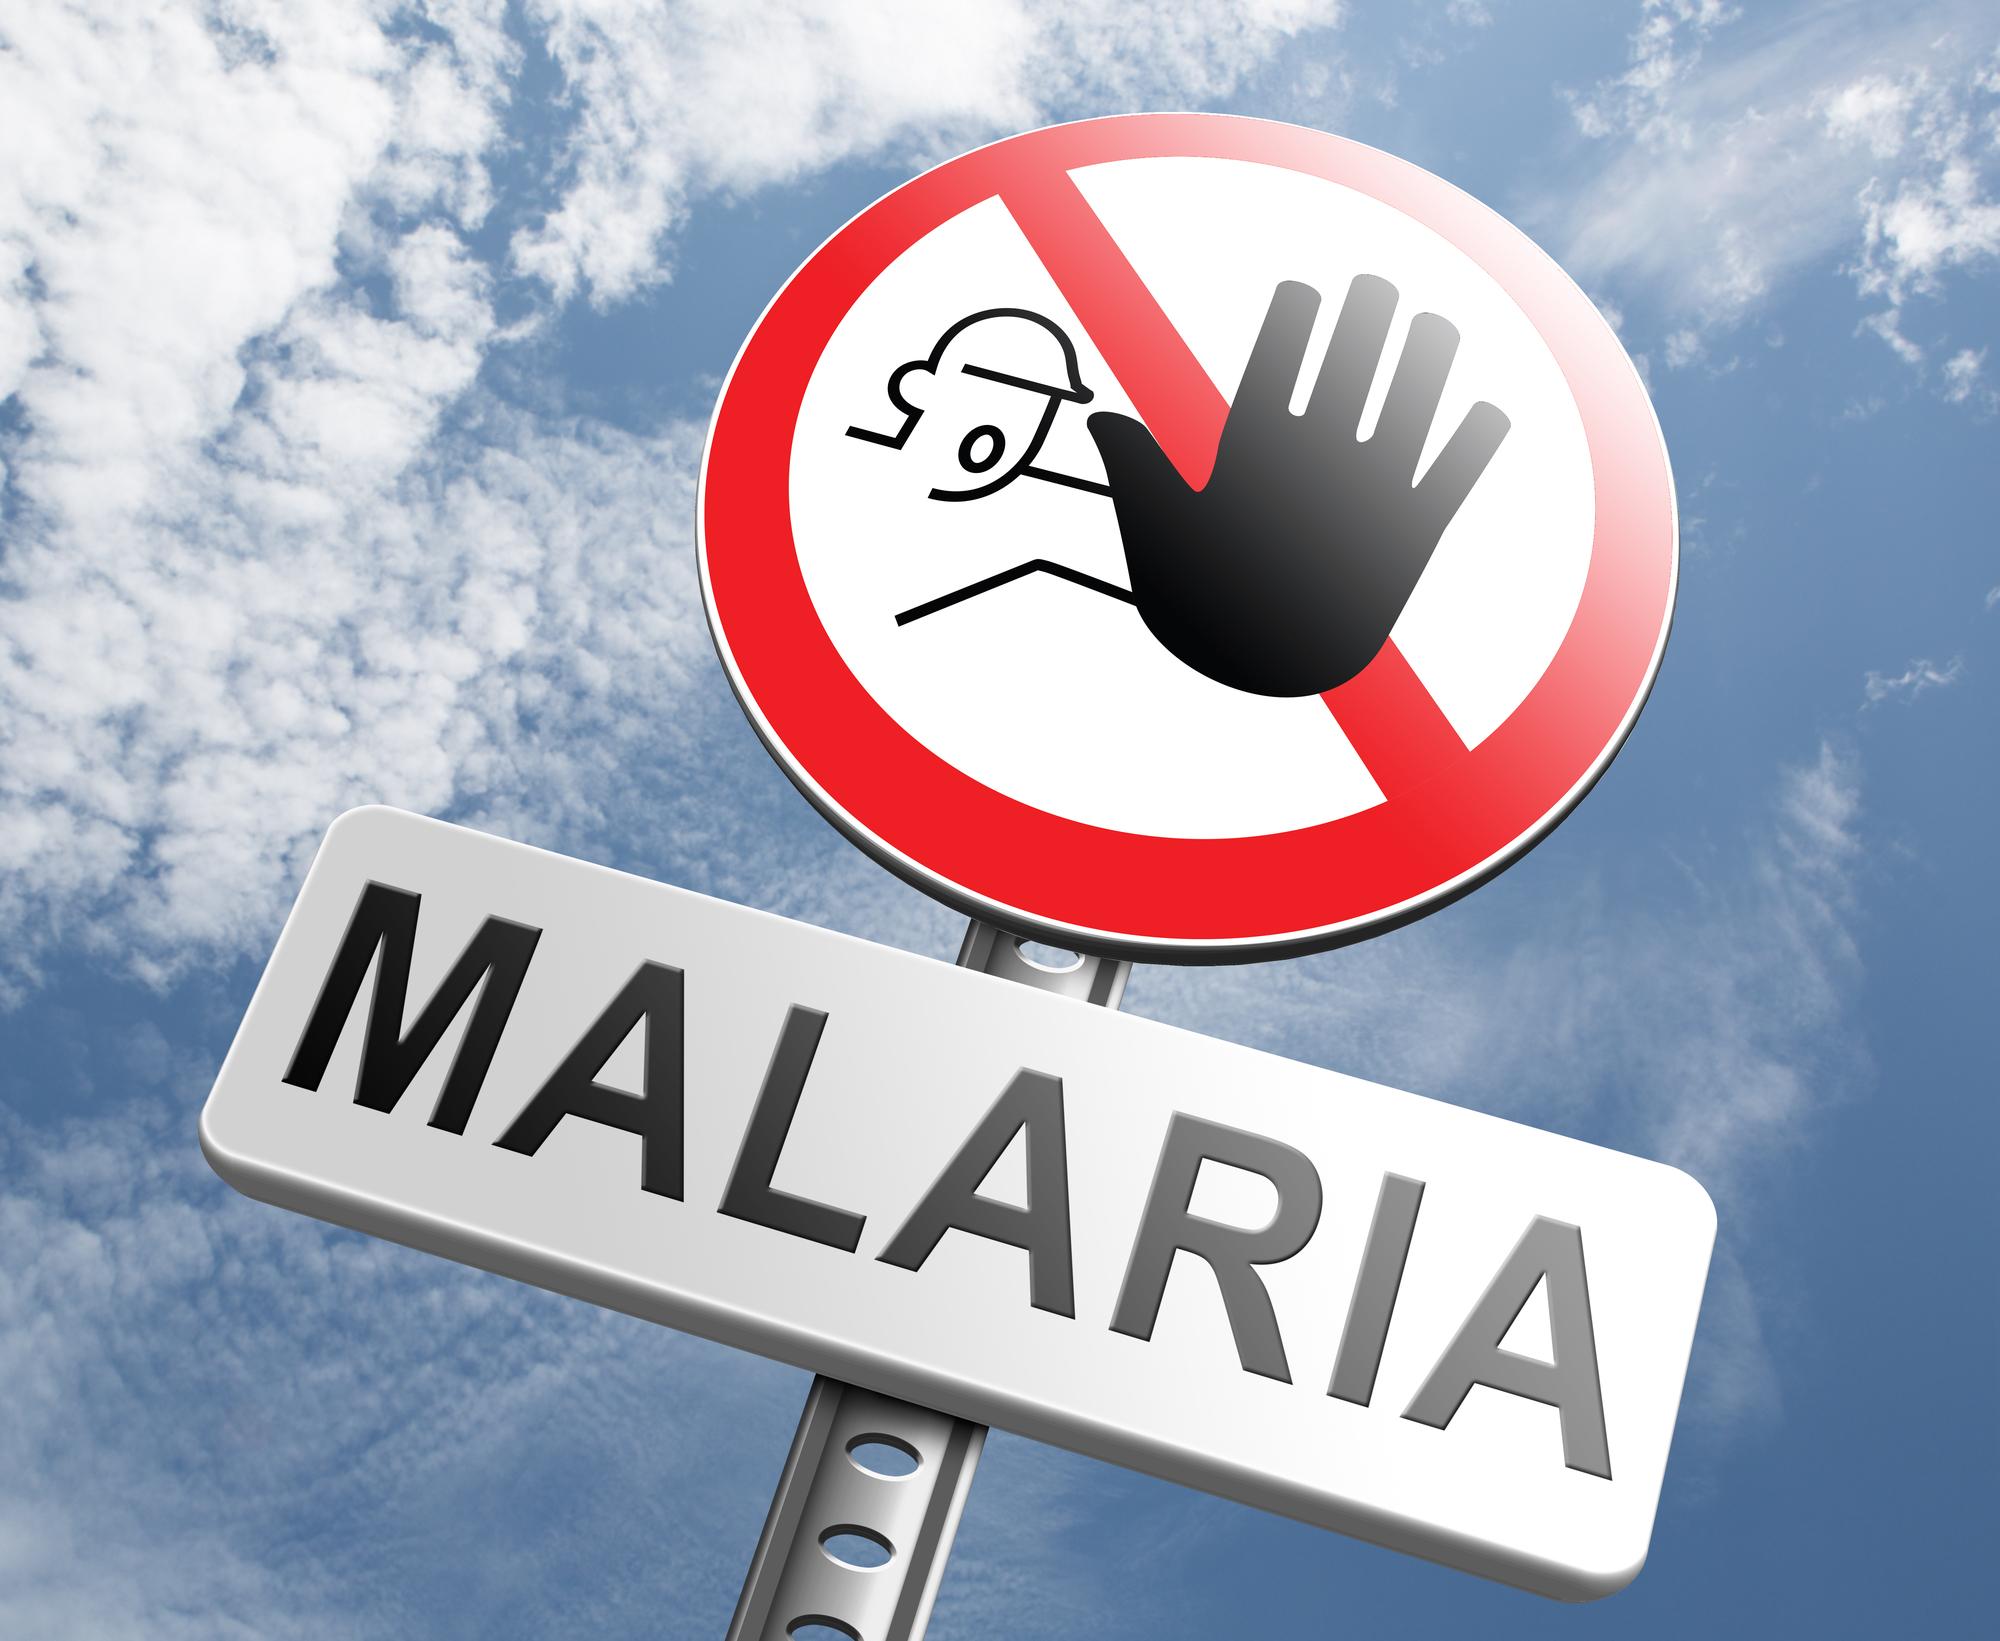 Малярия: что следует знать